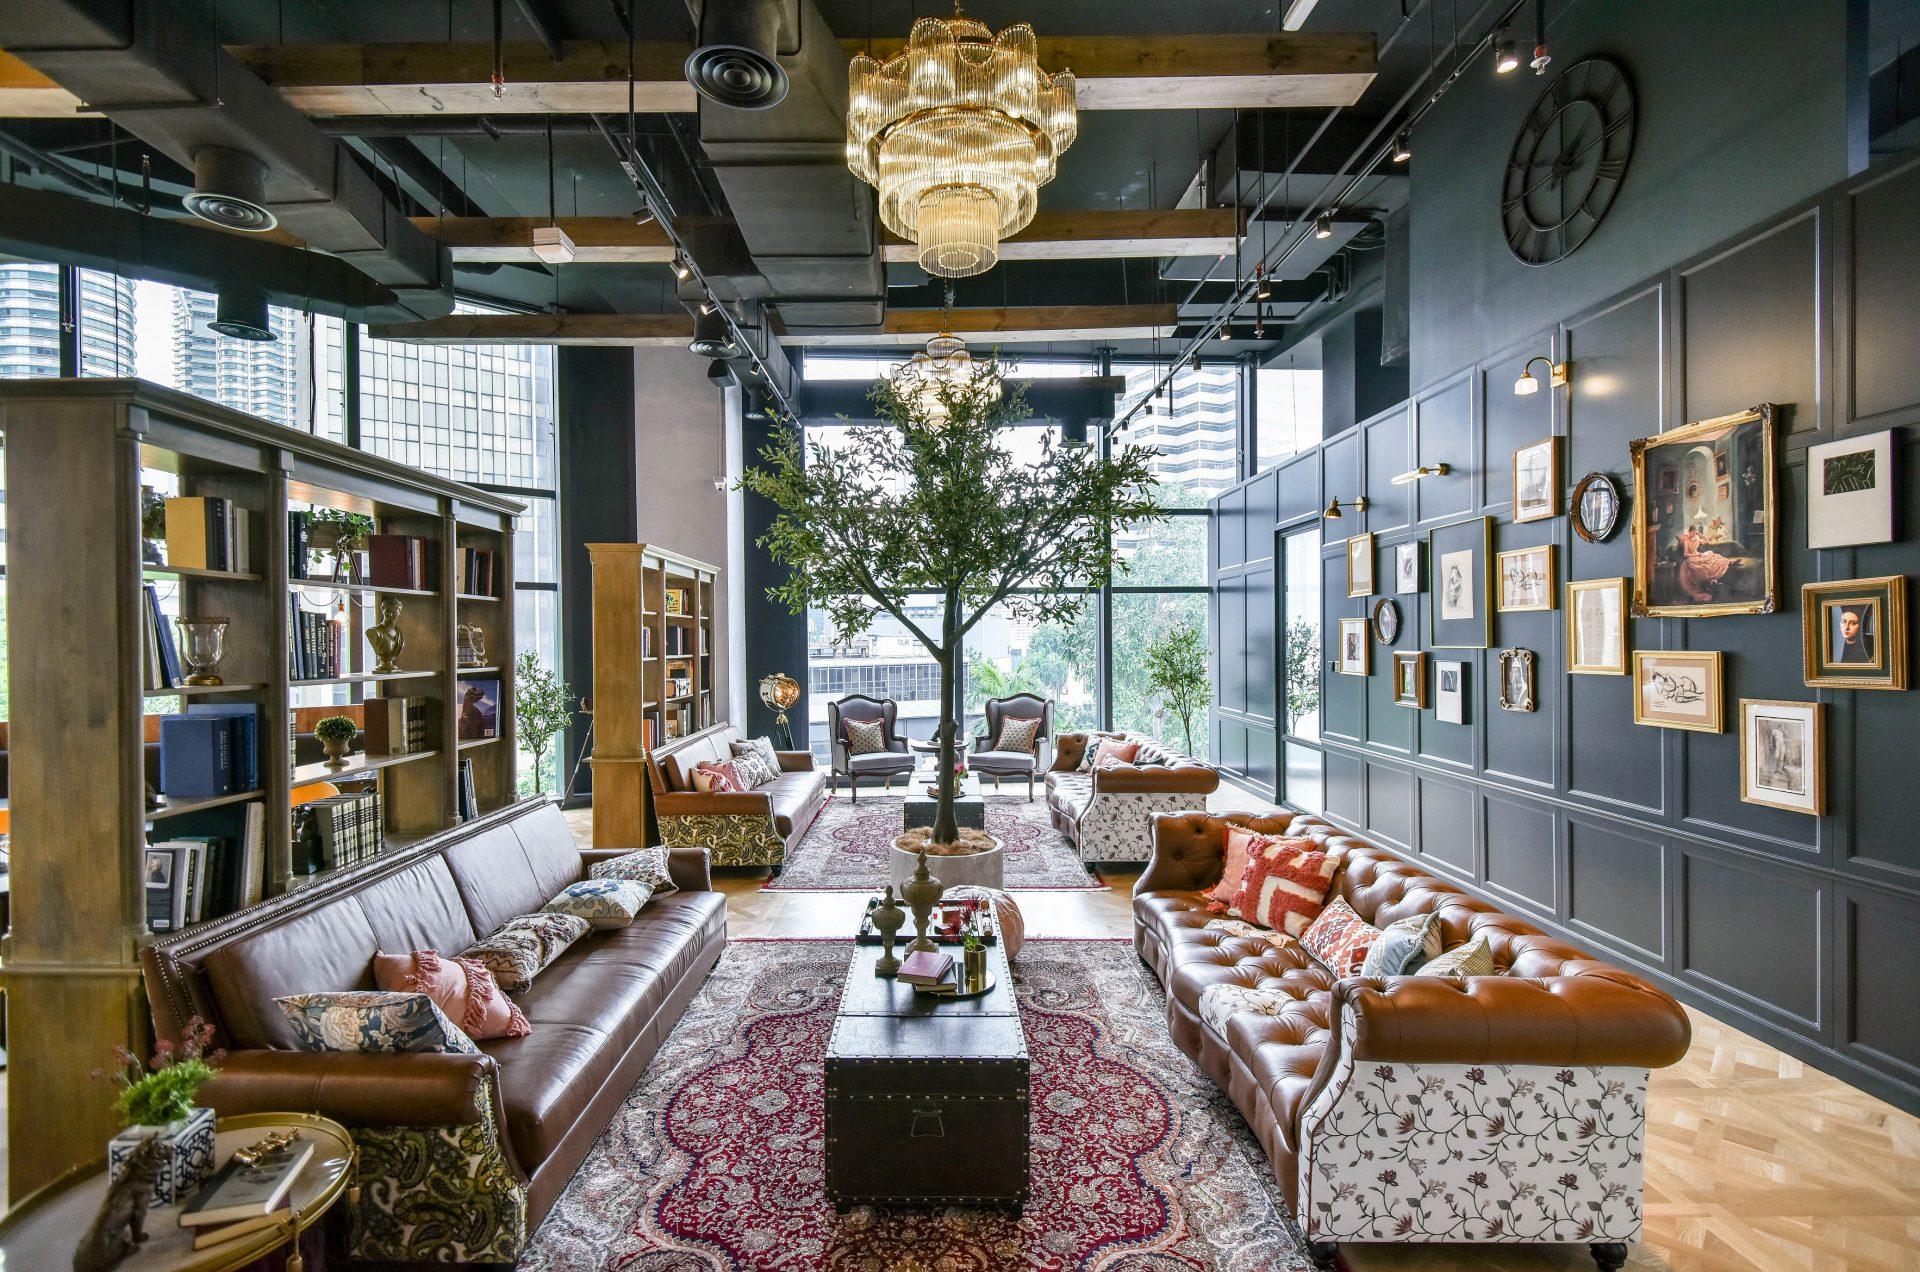 Colony Perkenalkan Ruang Pejabat Ulung Dengan Konsep 'Bespoke Luxury' Di Star Boulevard, Kuala Lumpur 3